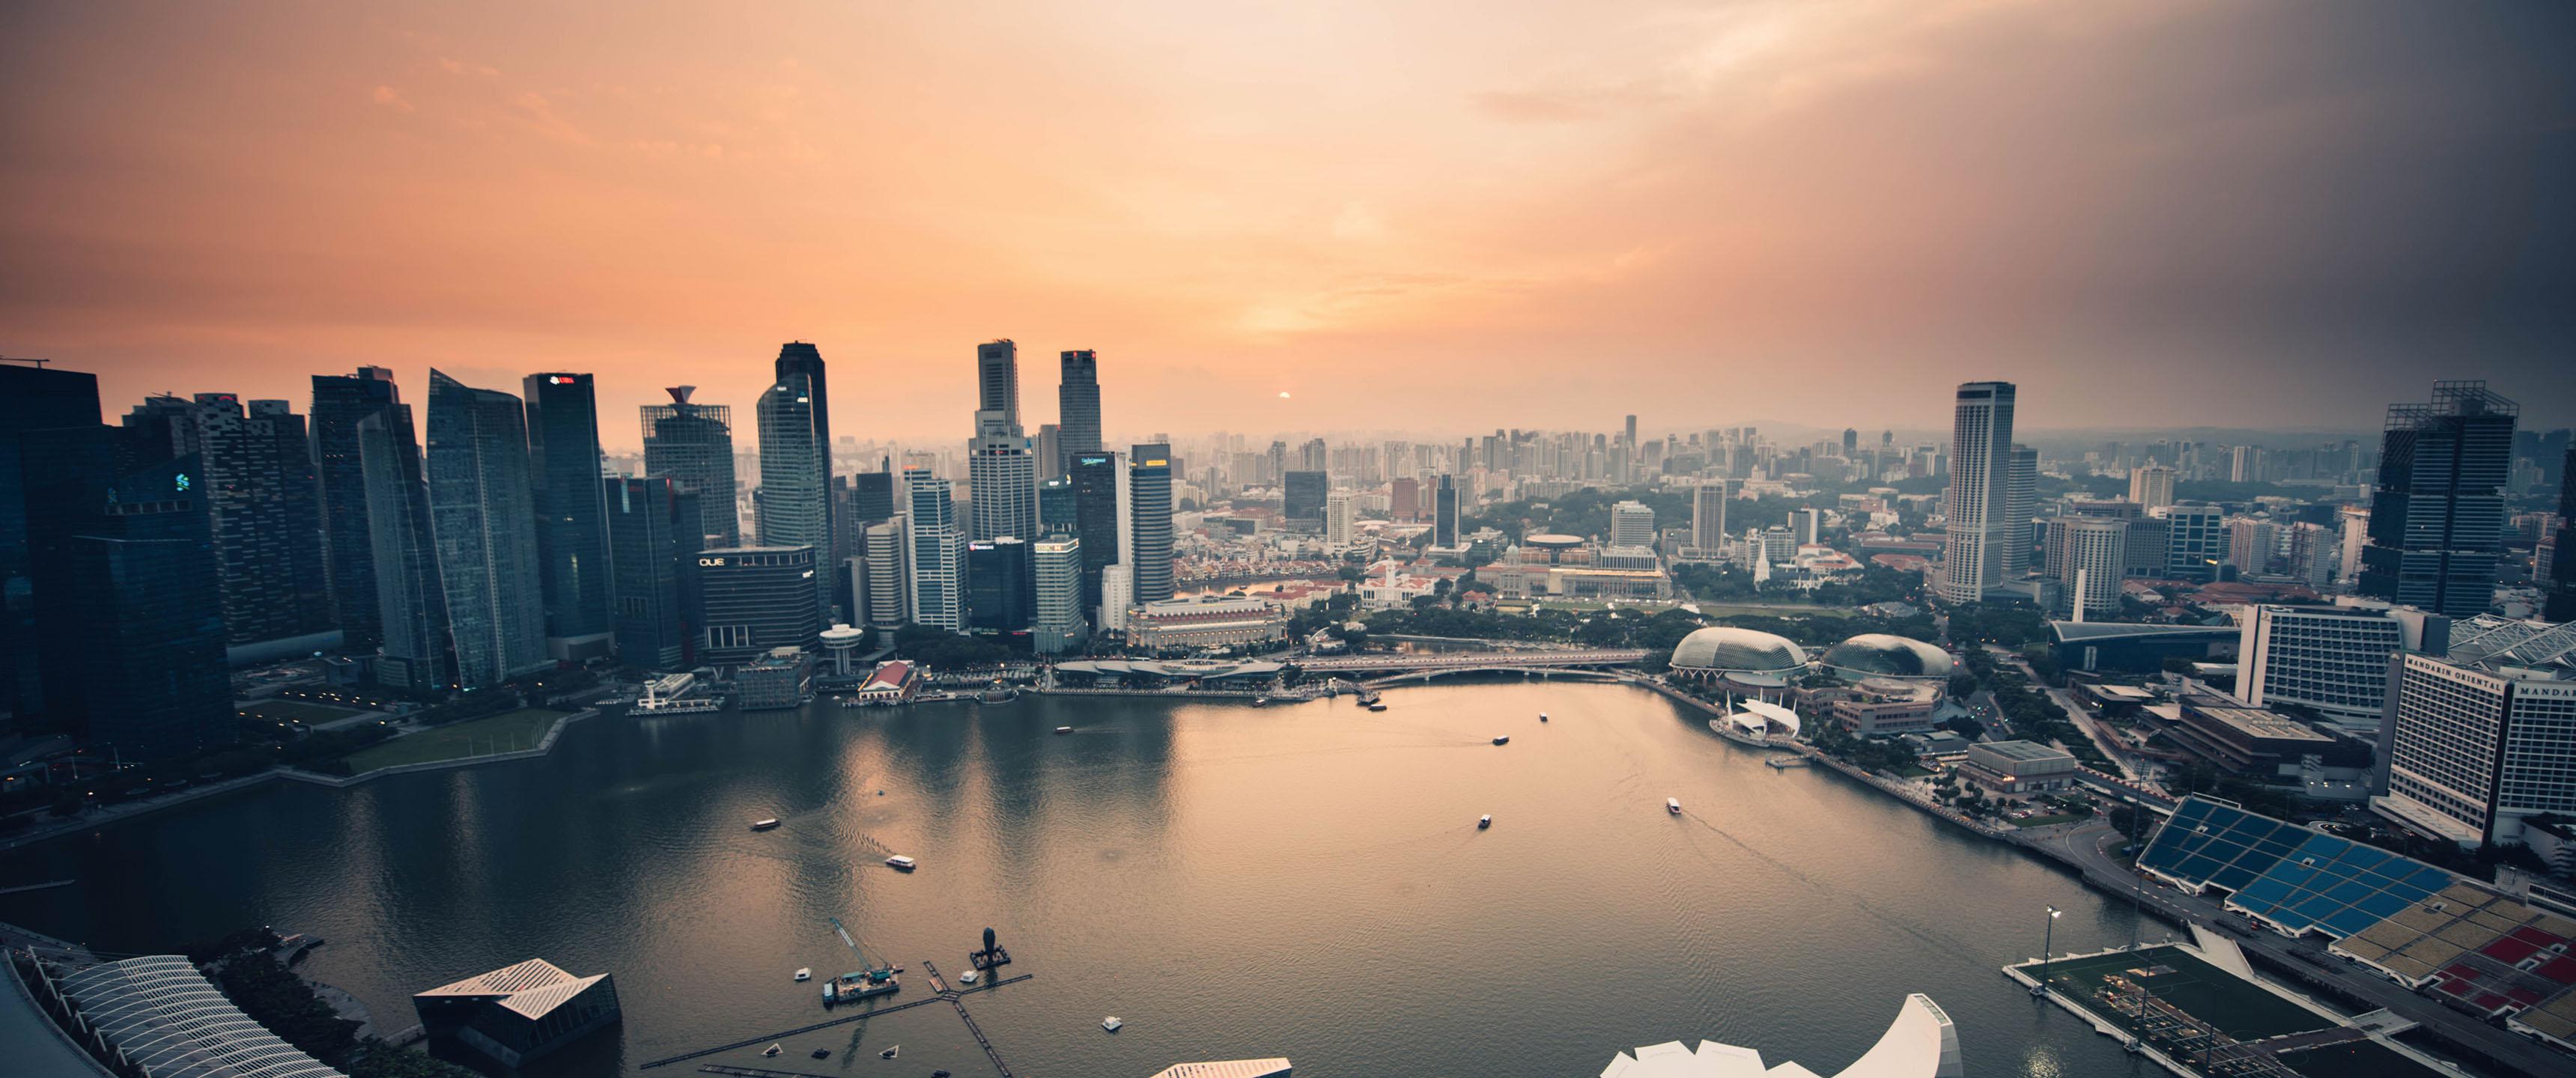 Singapore Marina 219 Wallpaper Ultrawide Monitor 219